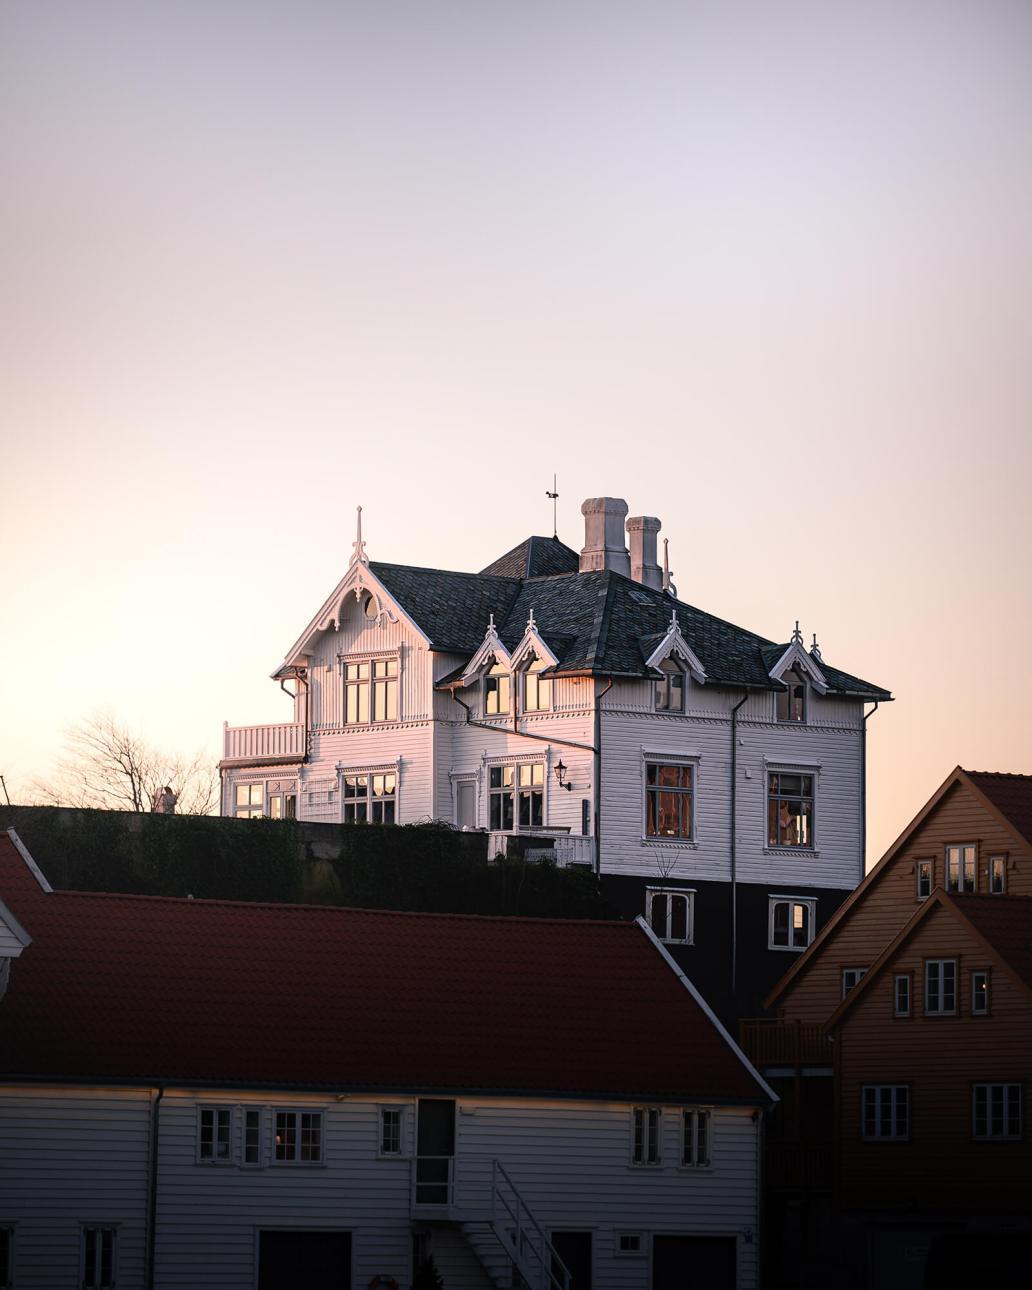 lachlan gowen nSOlOcqTBEw unsplash 2 - La rénovation de la toiture avant la vente immobilière